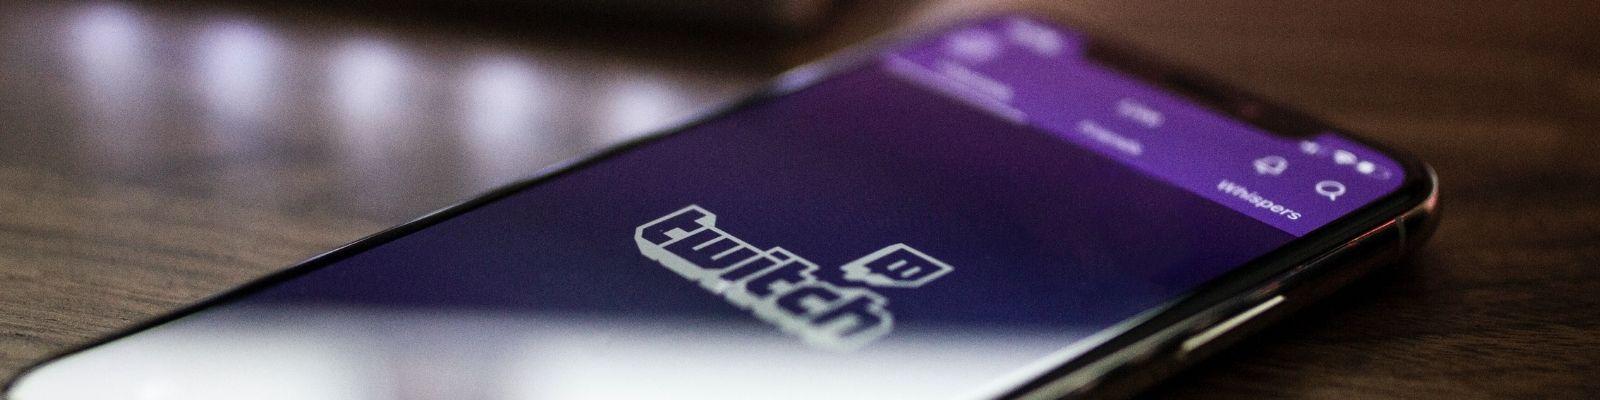 Por qué deberías incluir (o no) Twitch en tu estrategia social media